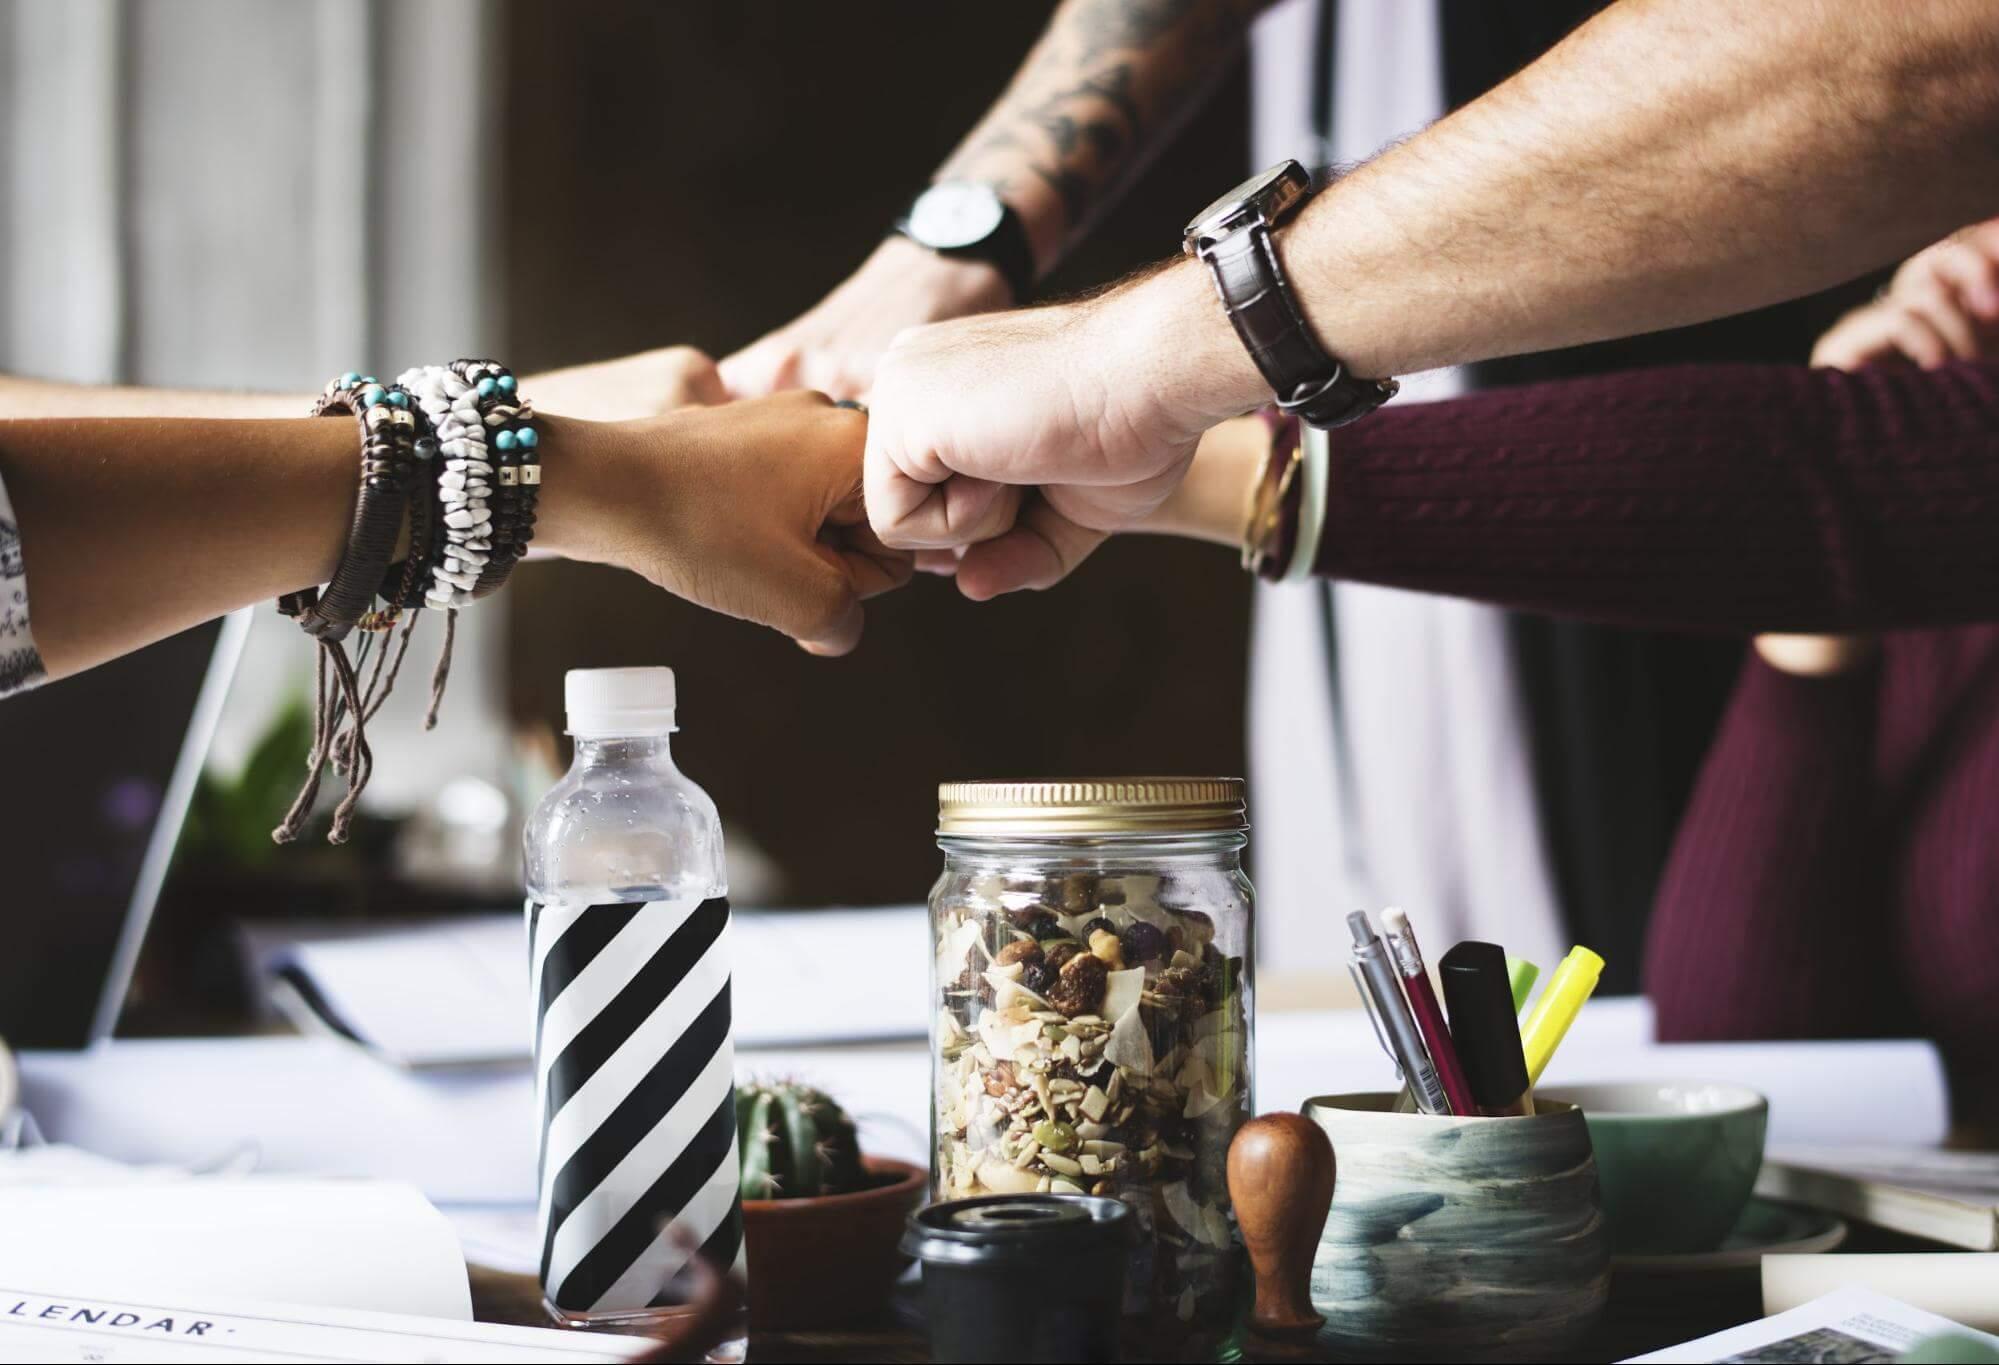 объединяться и предлагать комплексные решения